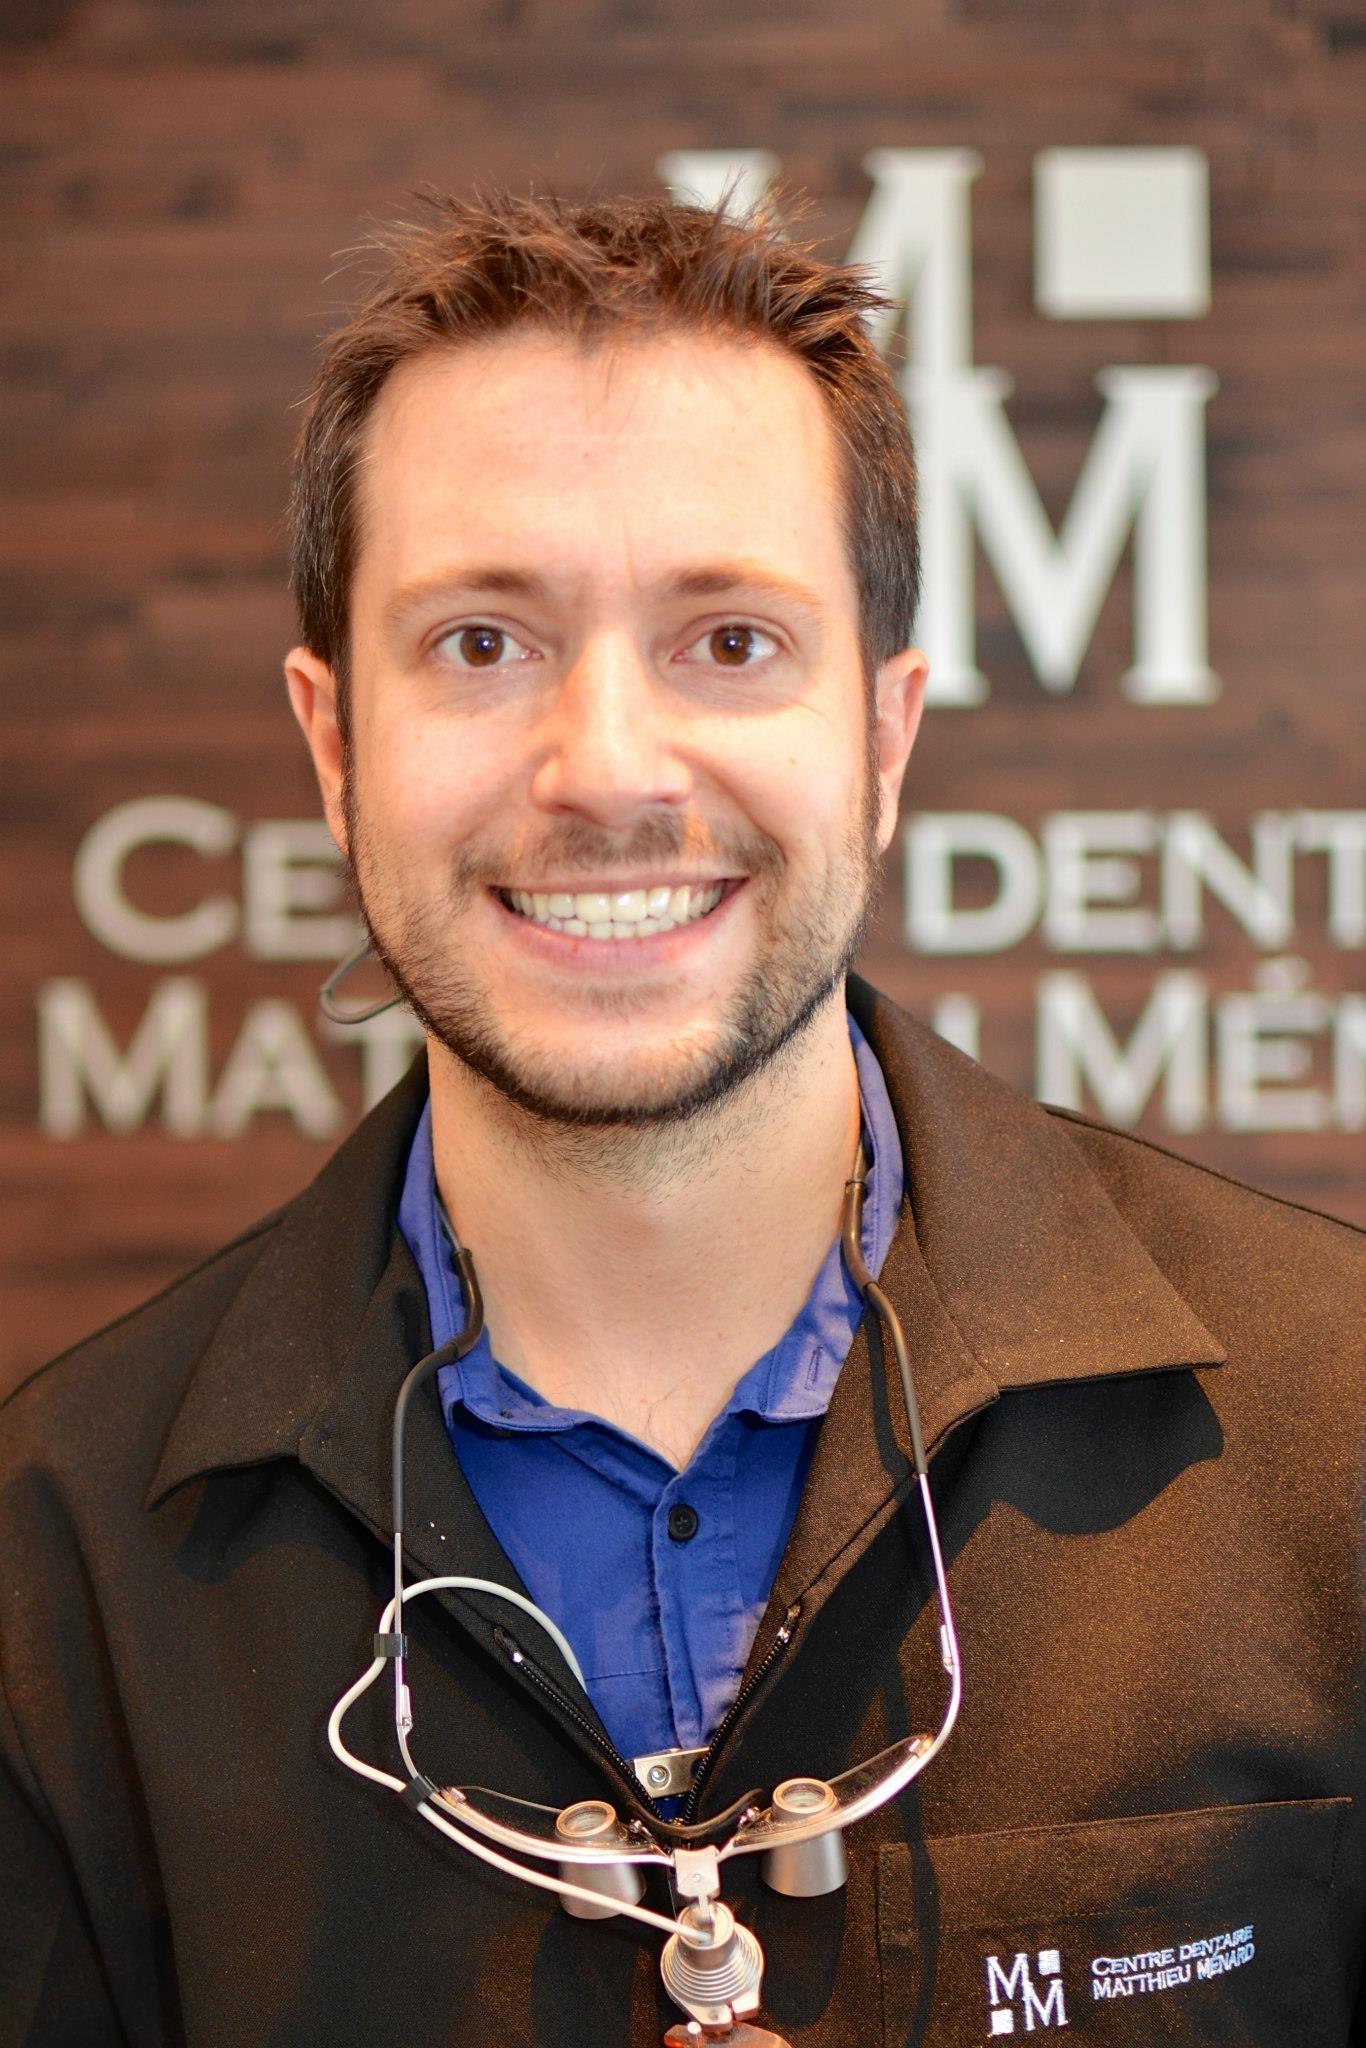 Centre Dentaire Matthieu Ménard